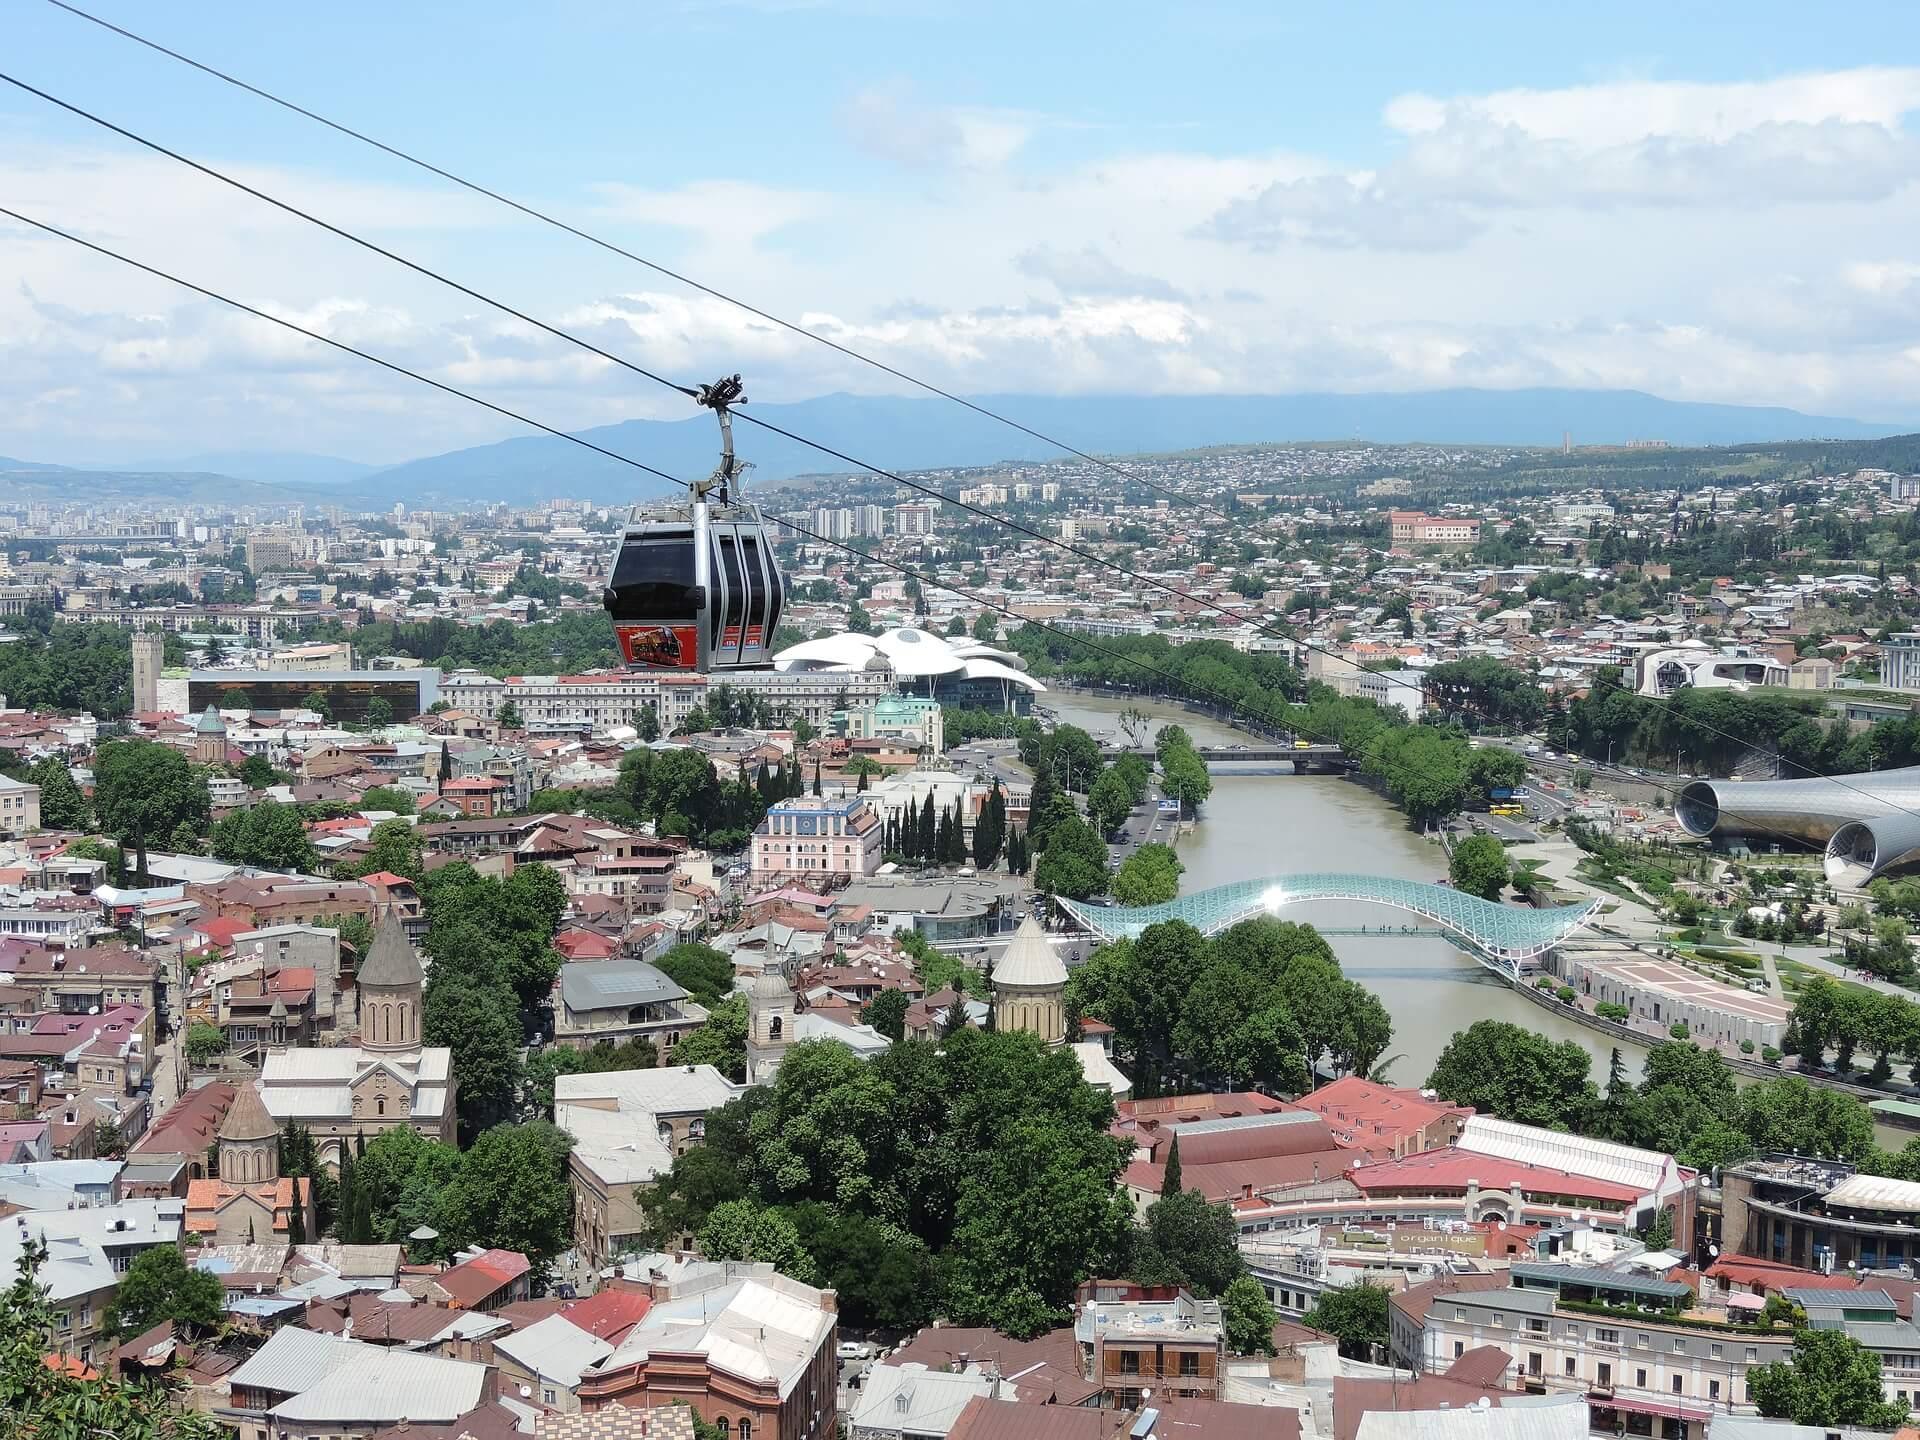 Direktflüge nach Tbilisi